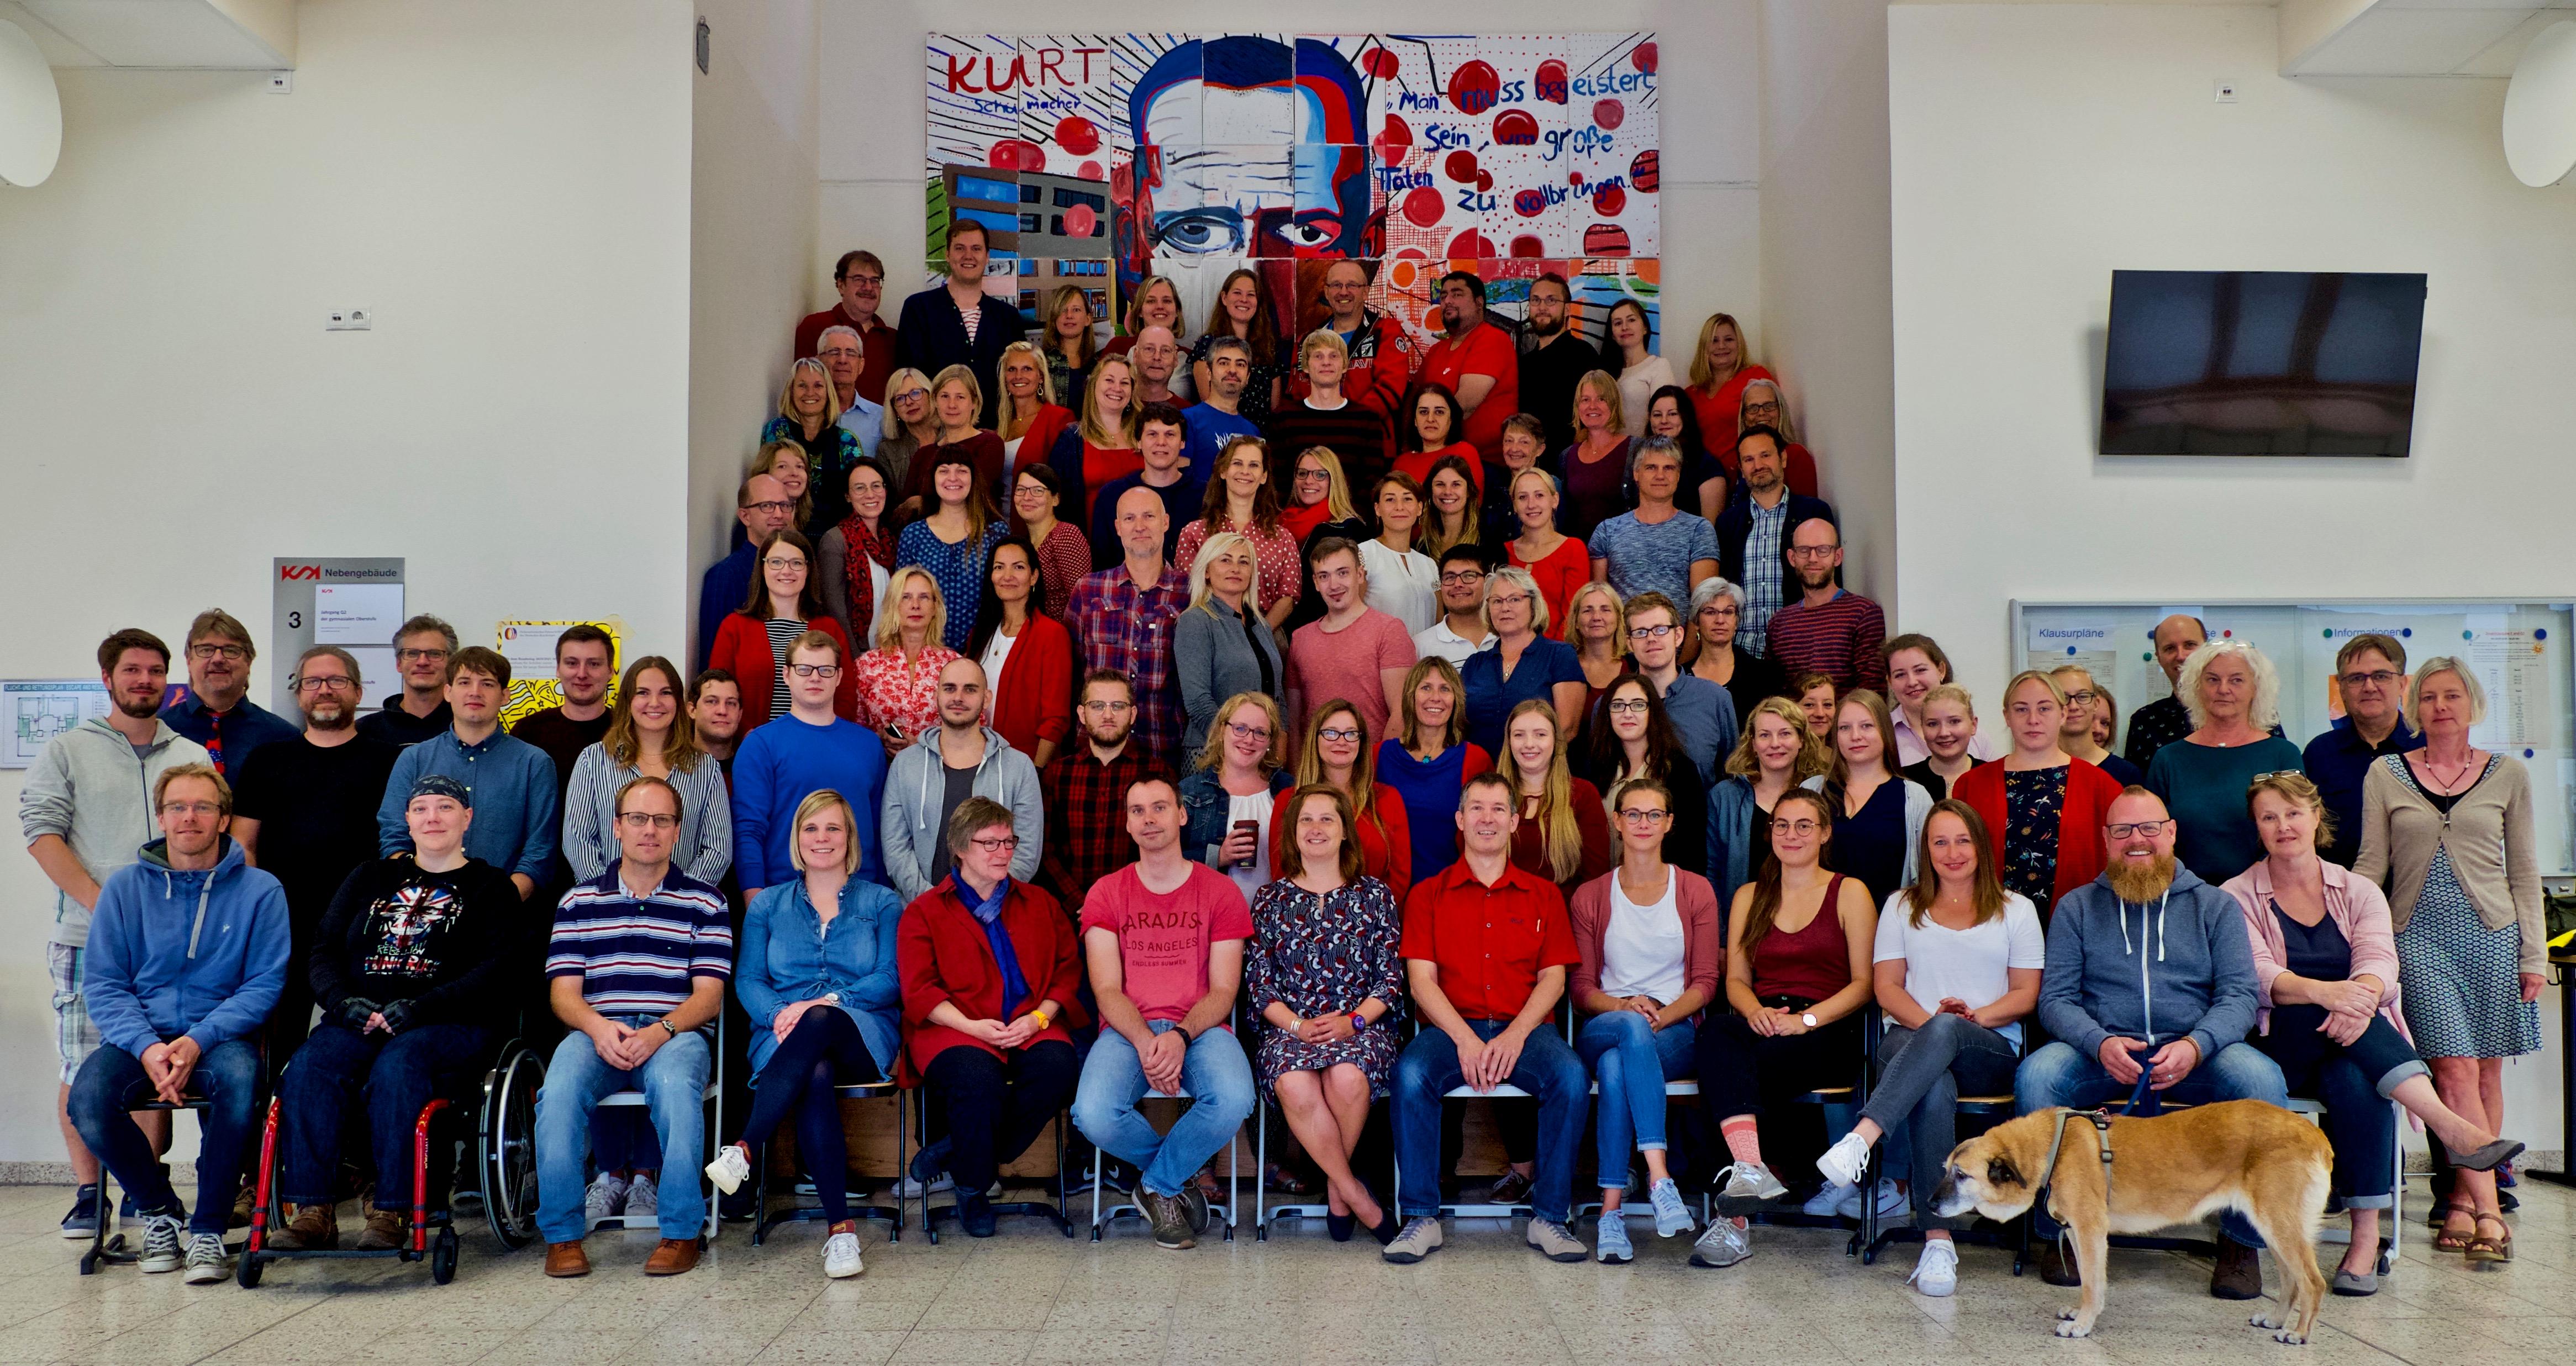 kollegiumsfoto-2019-2020